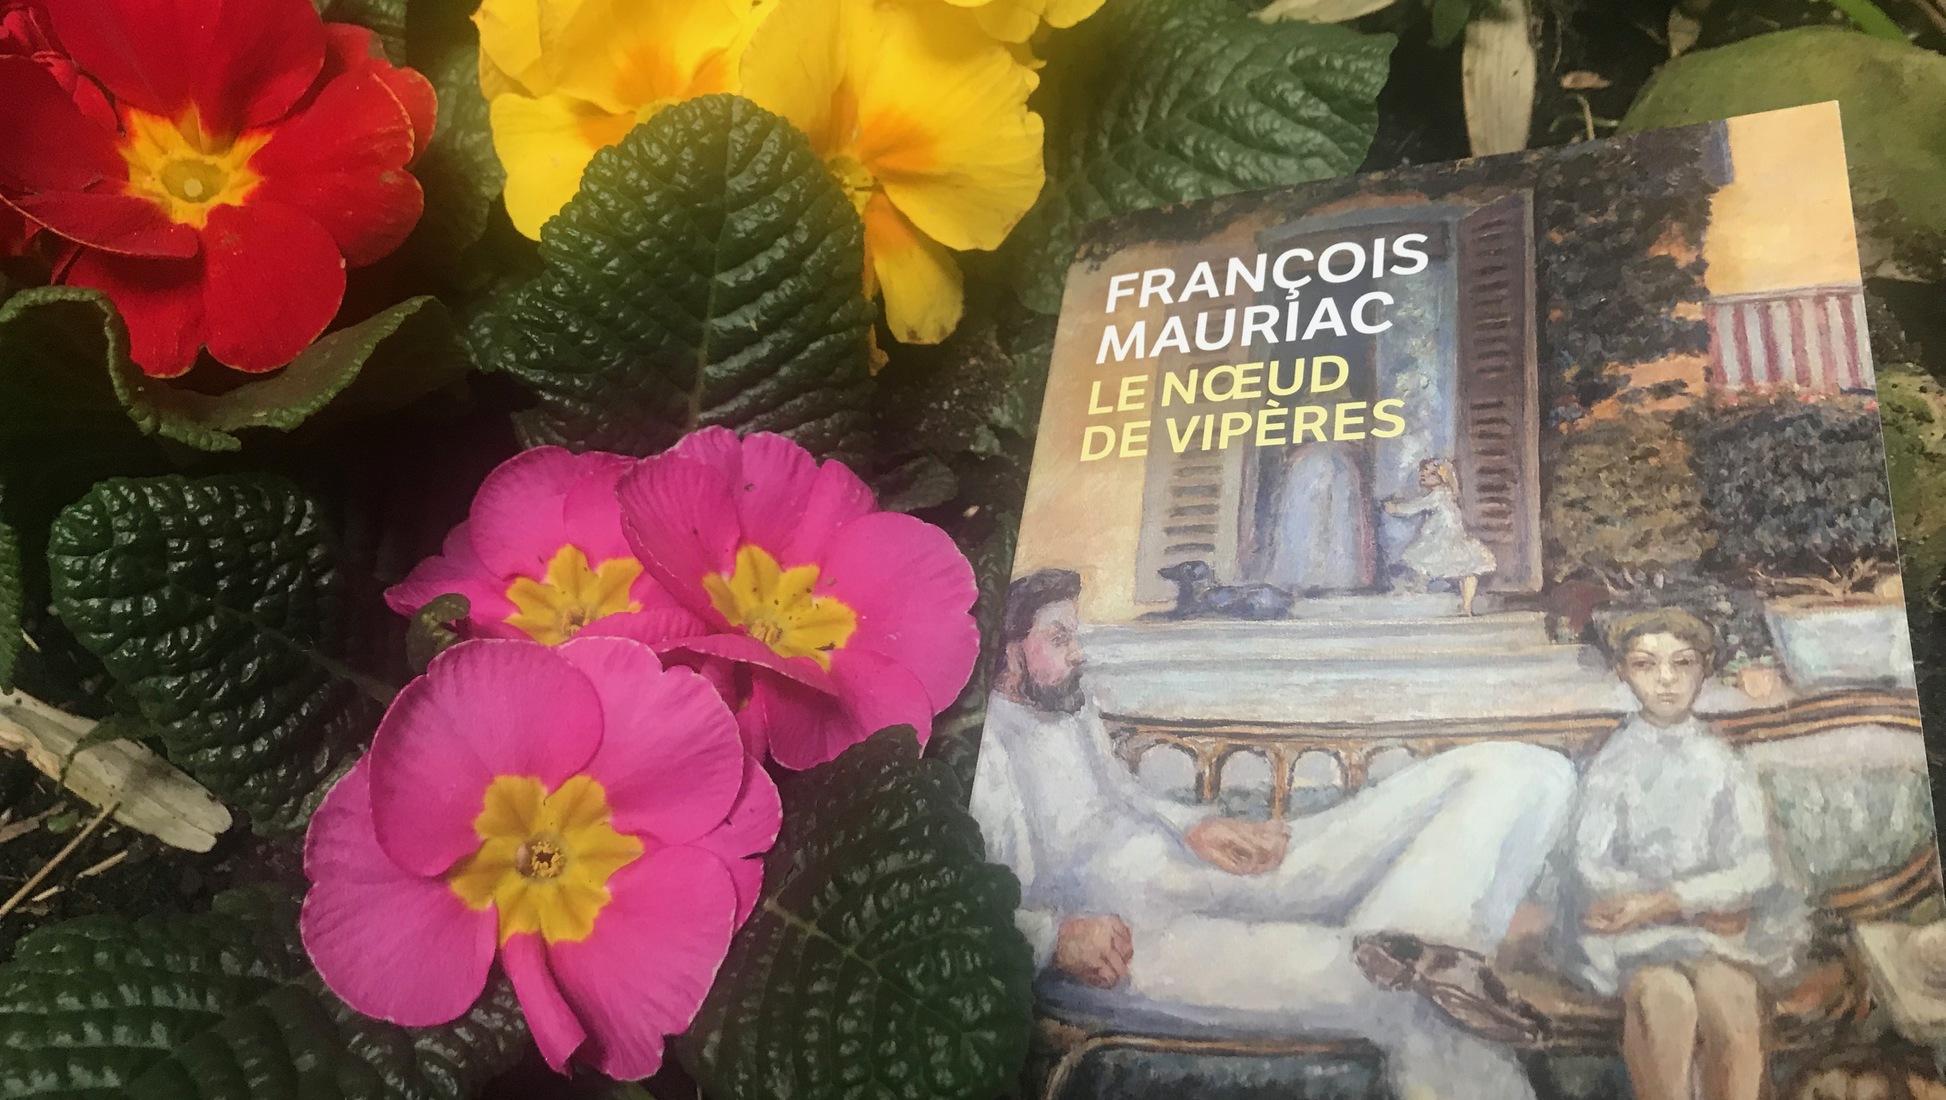 Le noeud de vipères François Mauriac